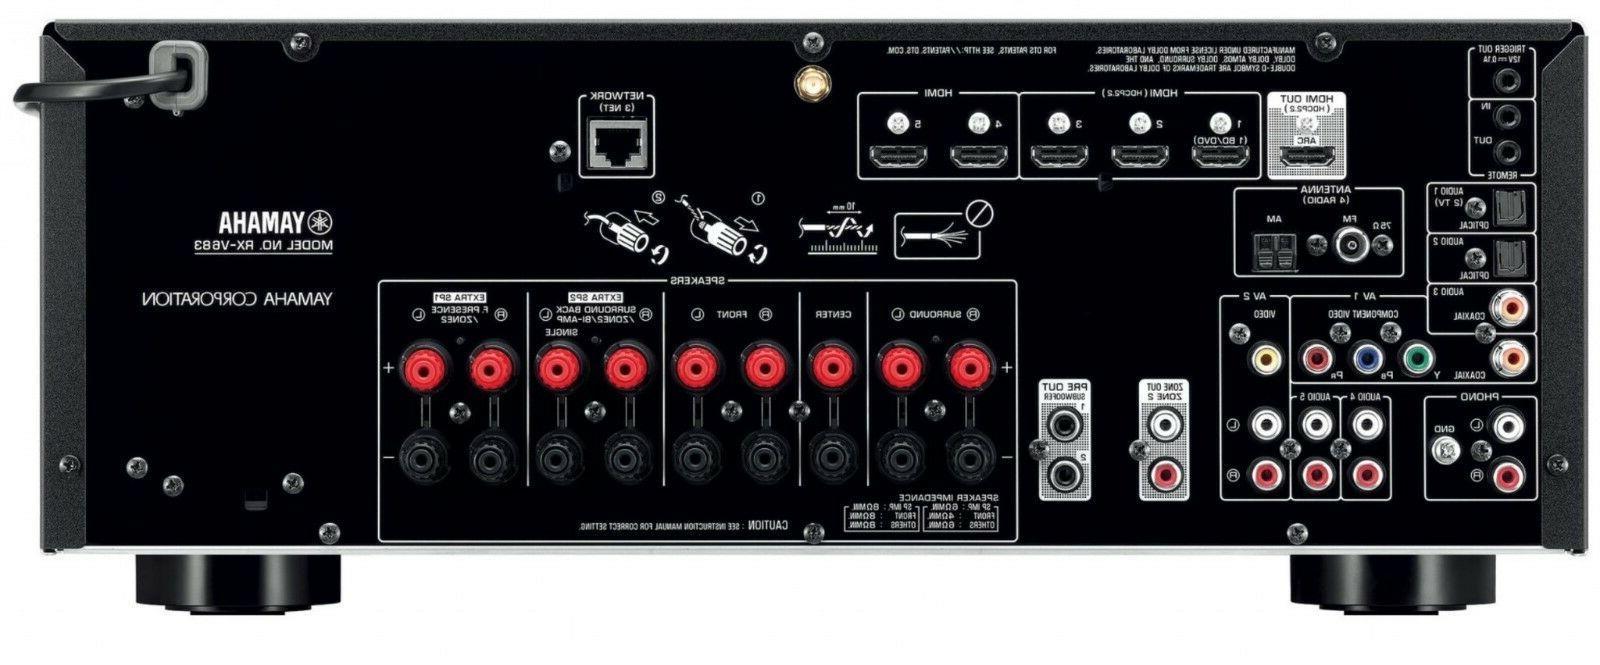 Yamaha 7.2 HDR AirPlay Atmos DTS:X